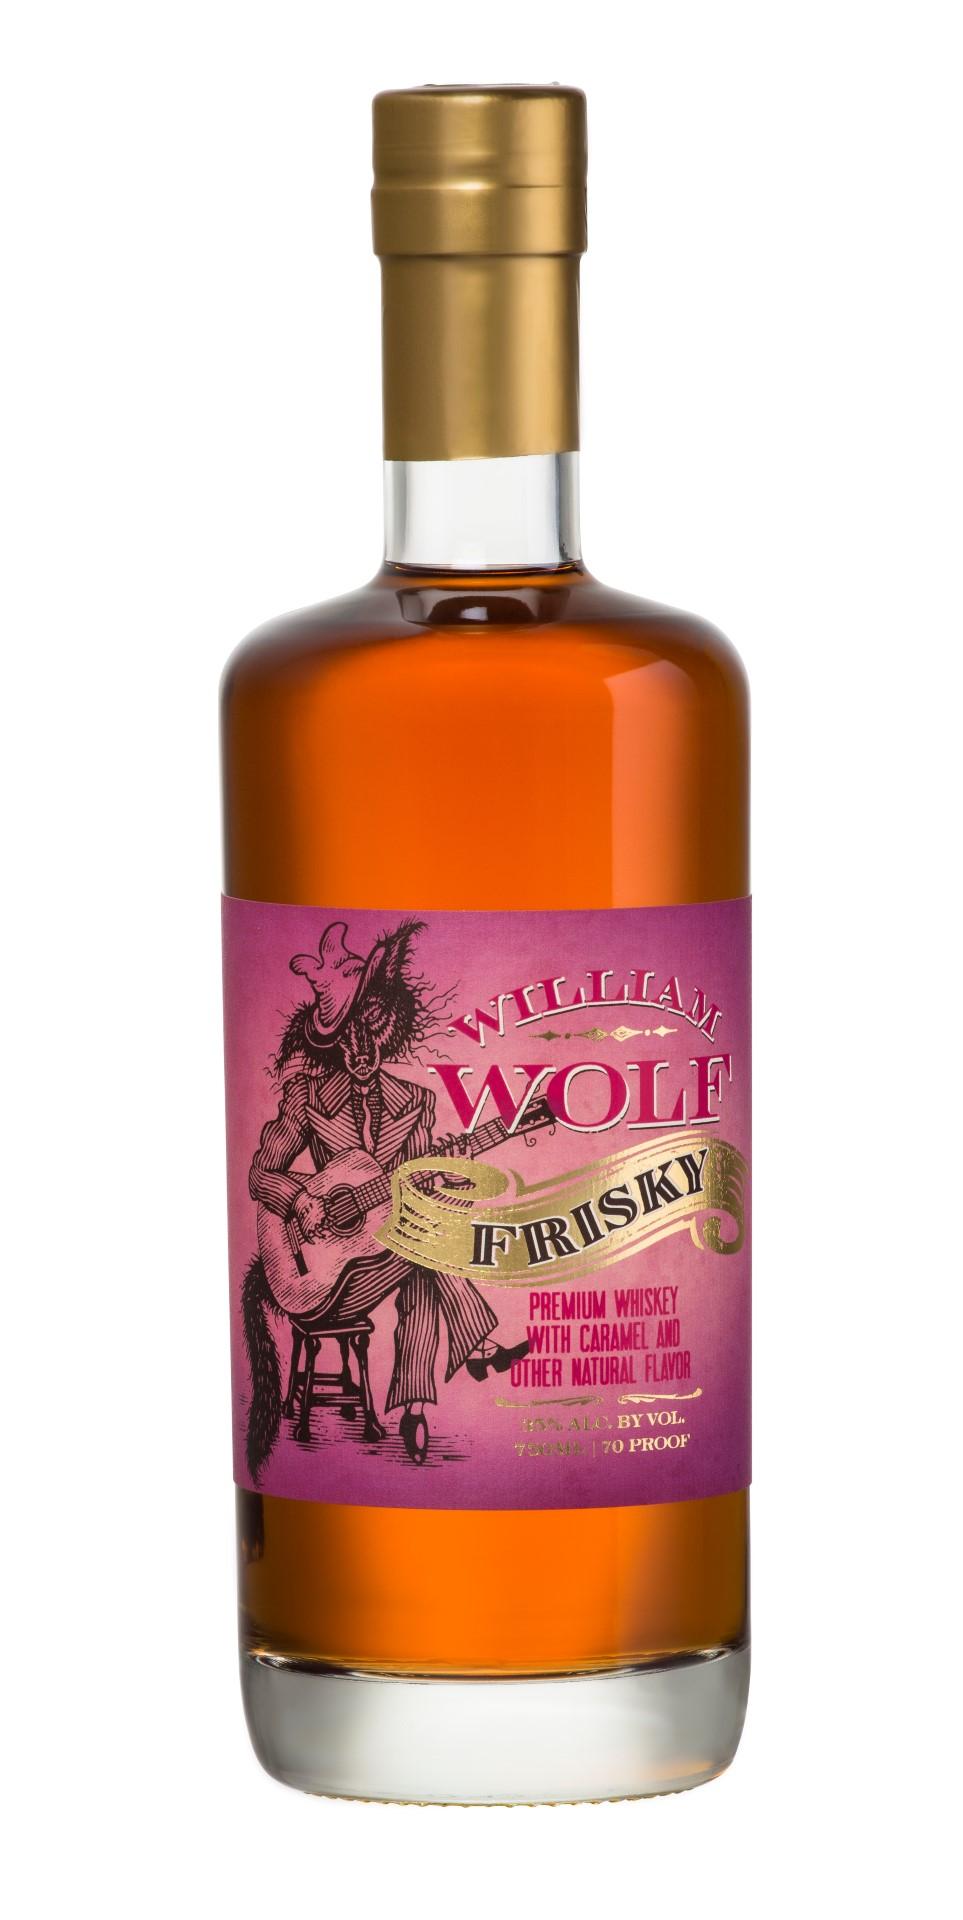 William Wolf Frisky Whiskey